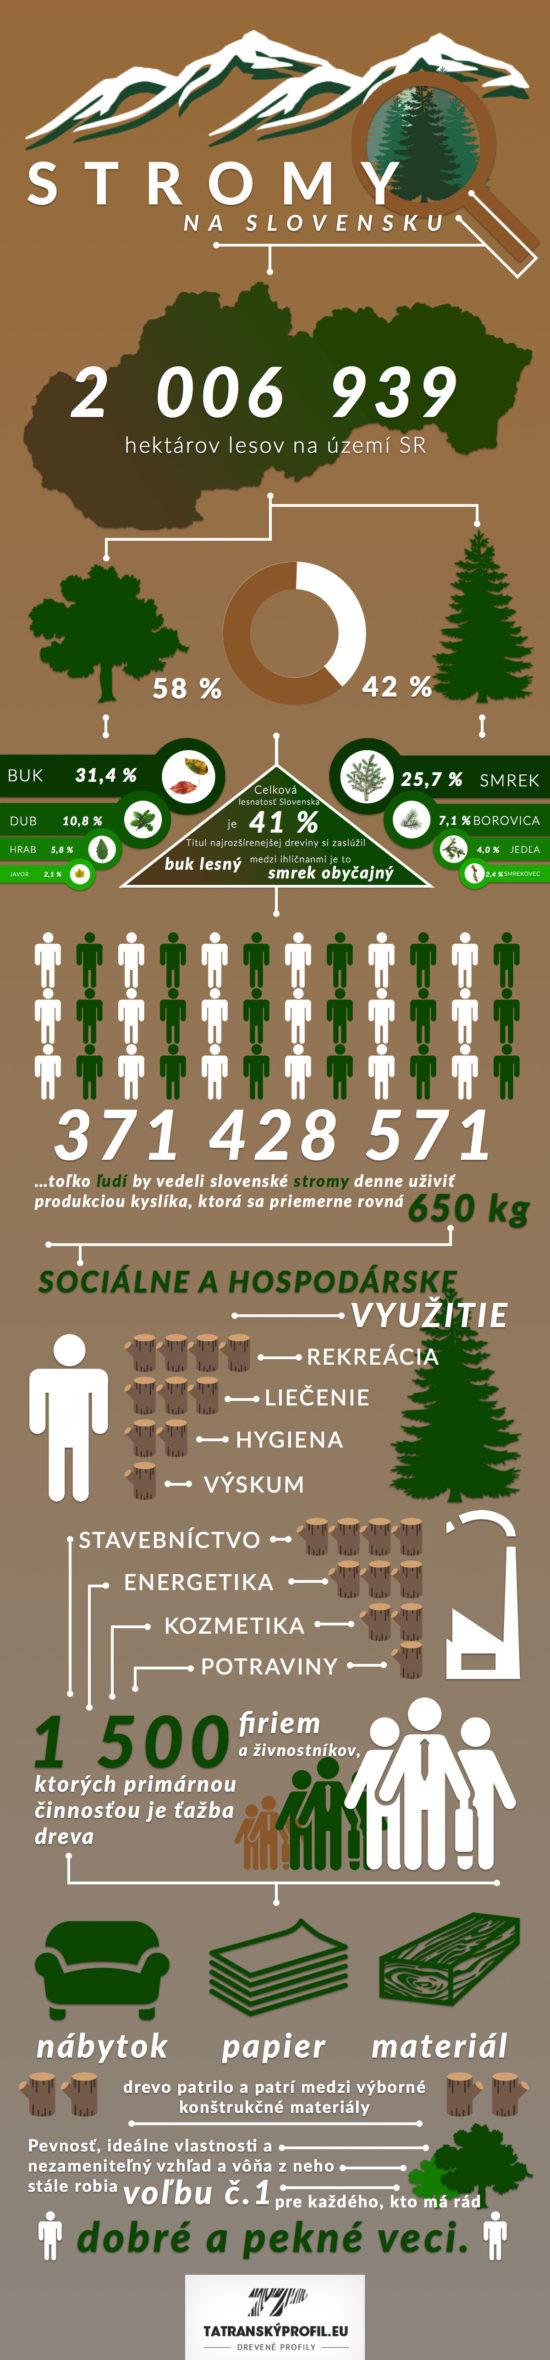 Poznejte stromy na Slovensku! – Infografika